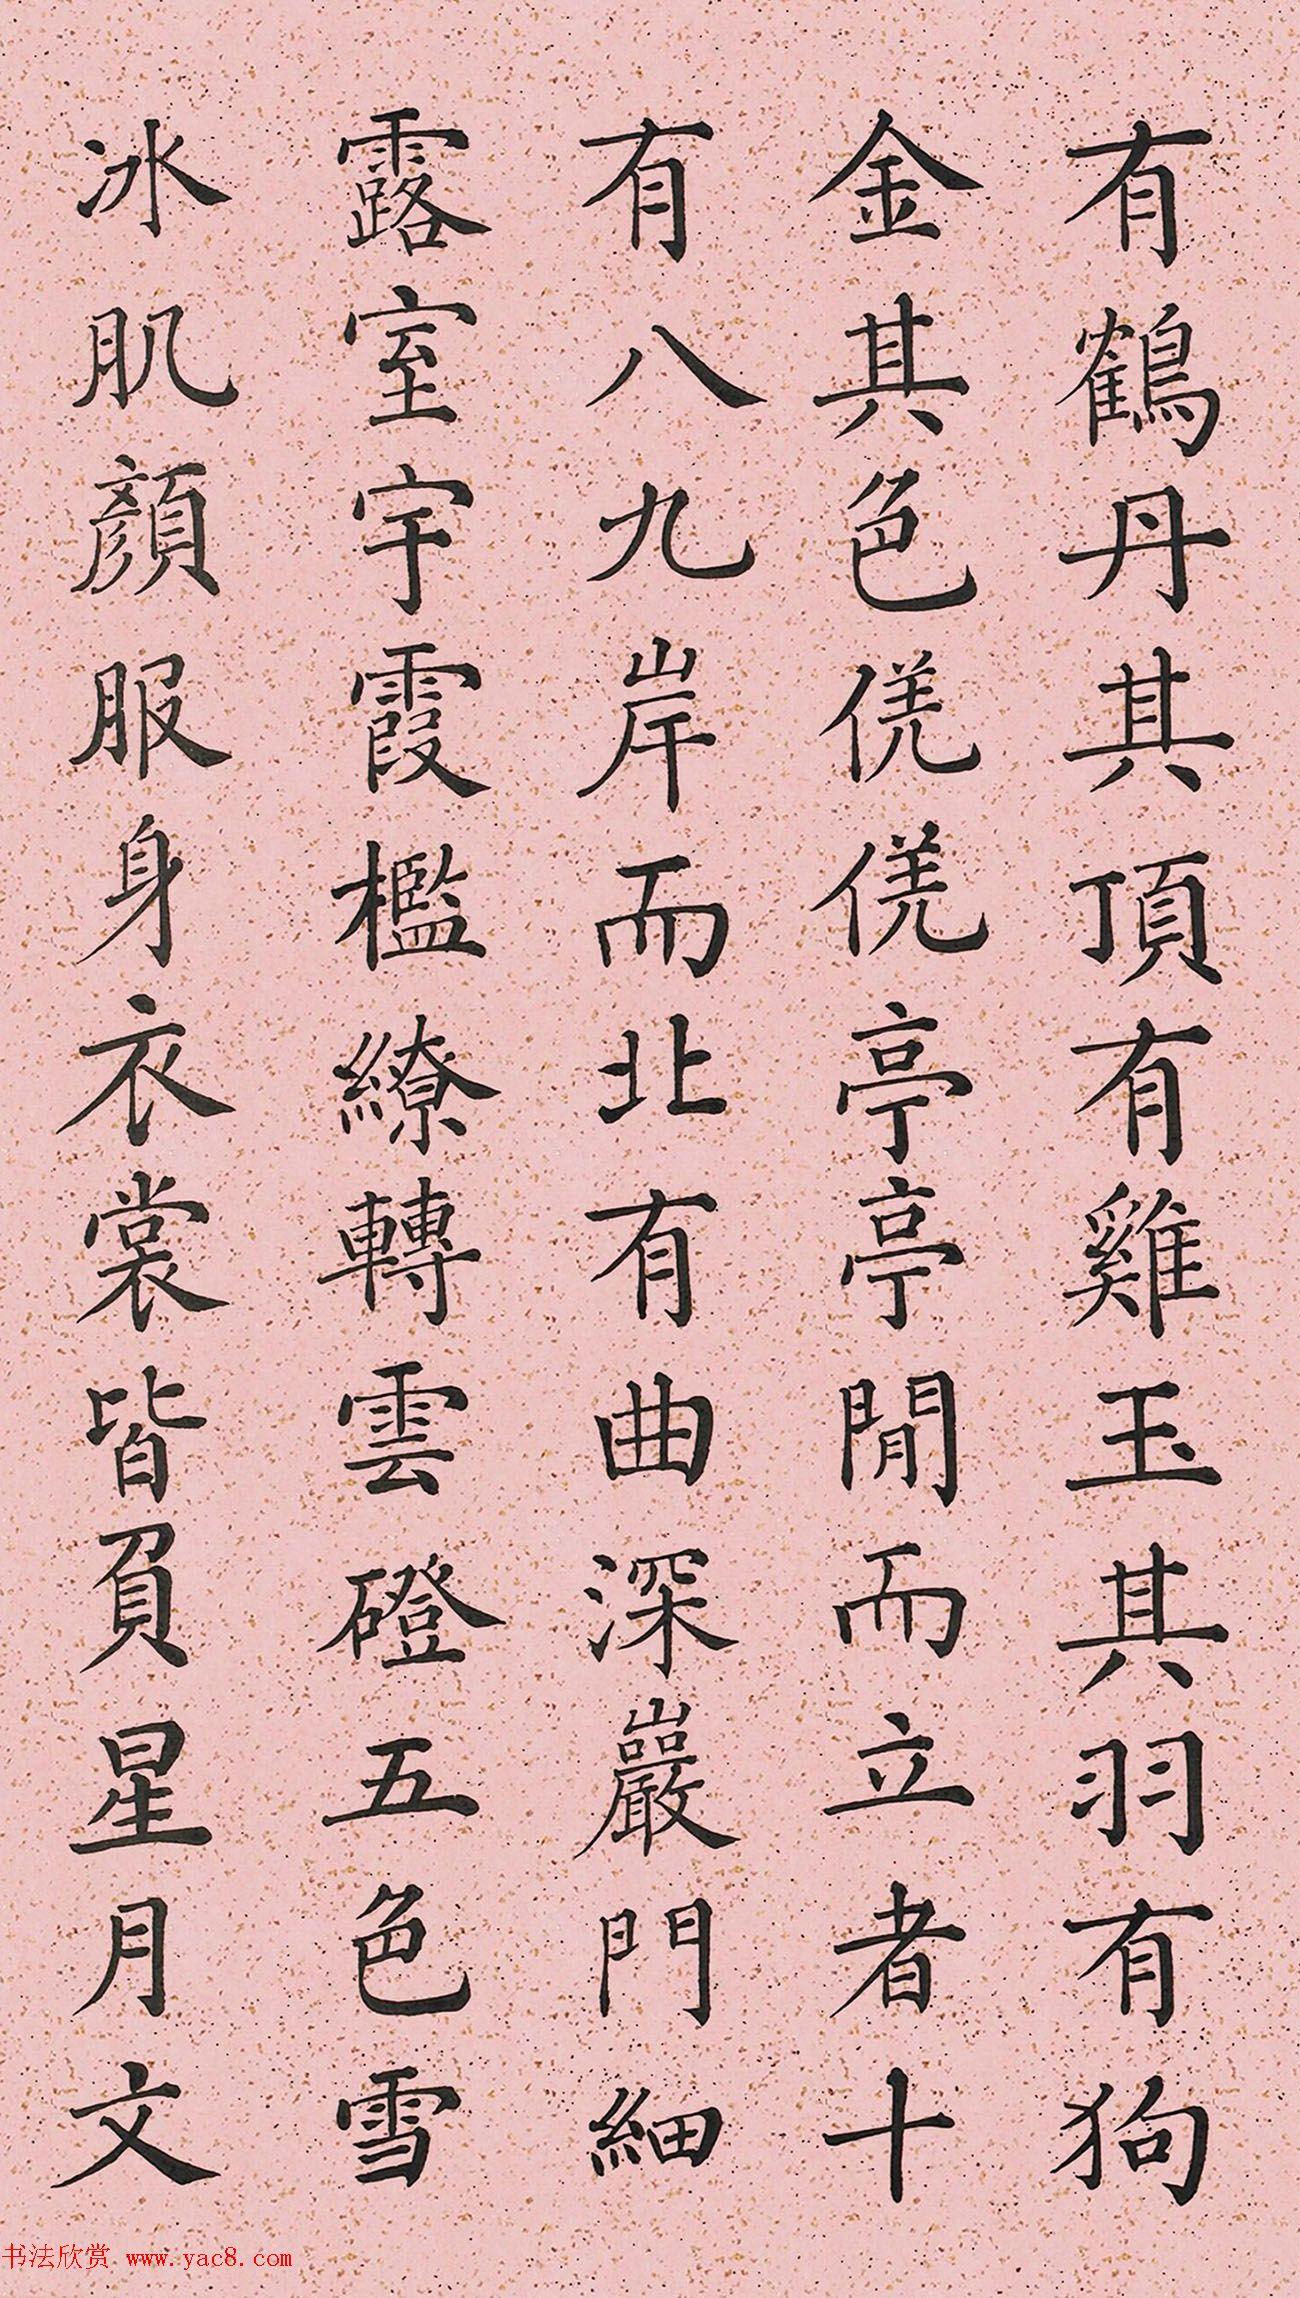 爱新觉罗·载泽、载润书法墨迹